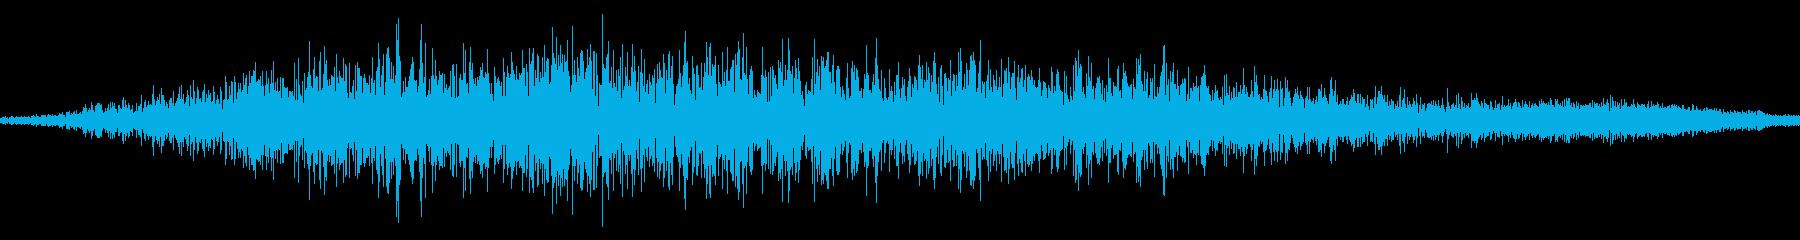 スワイプ音/閉じる/キャンセル音 11の再生済みの波形